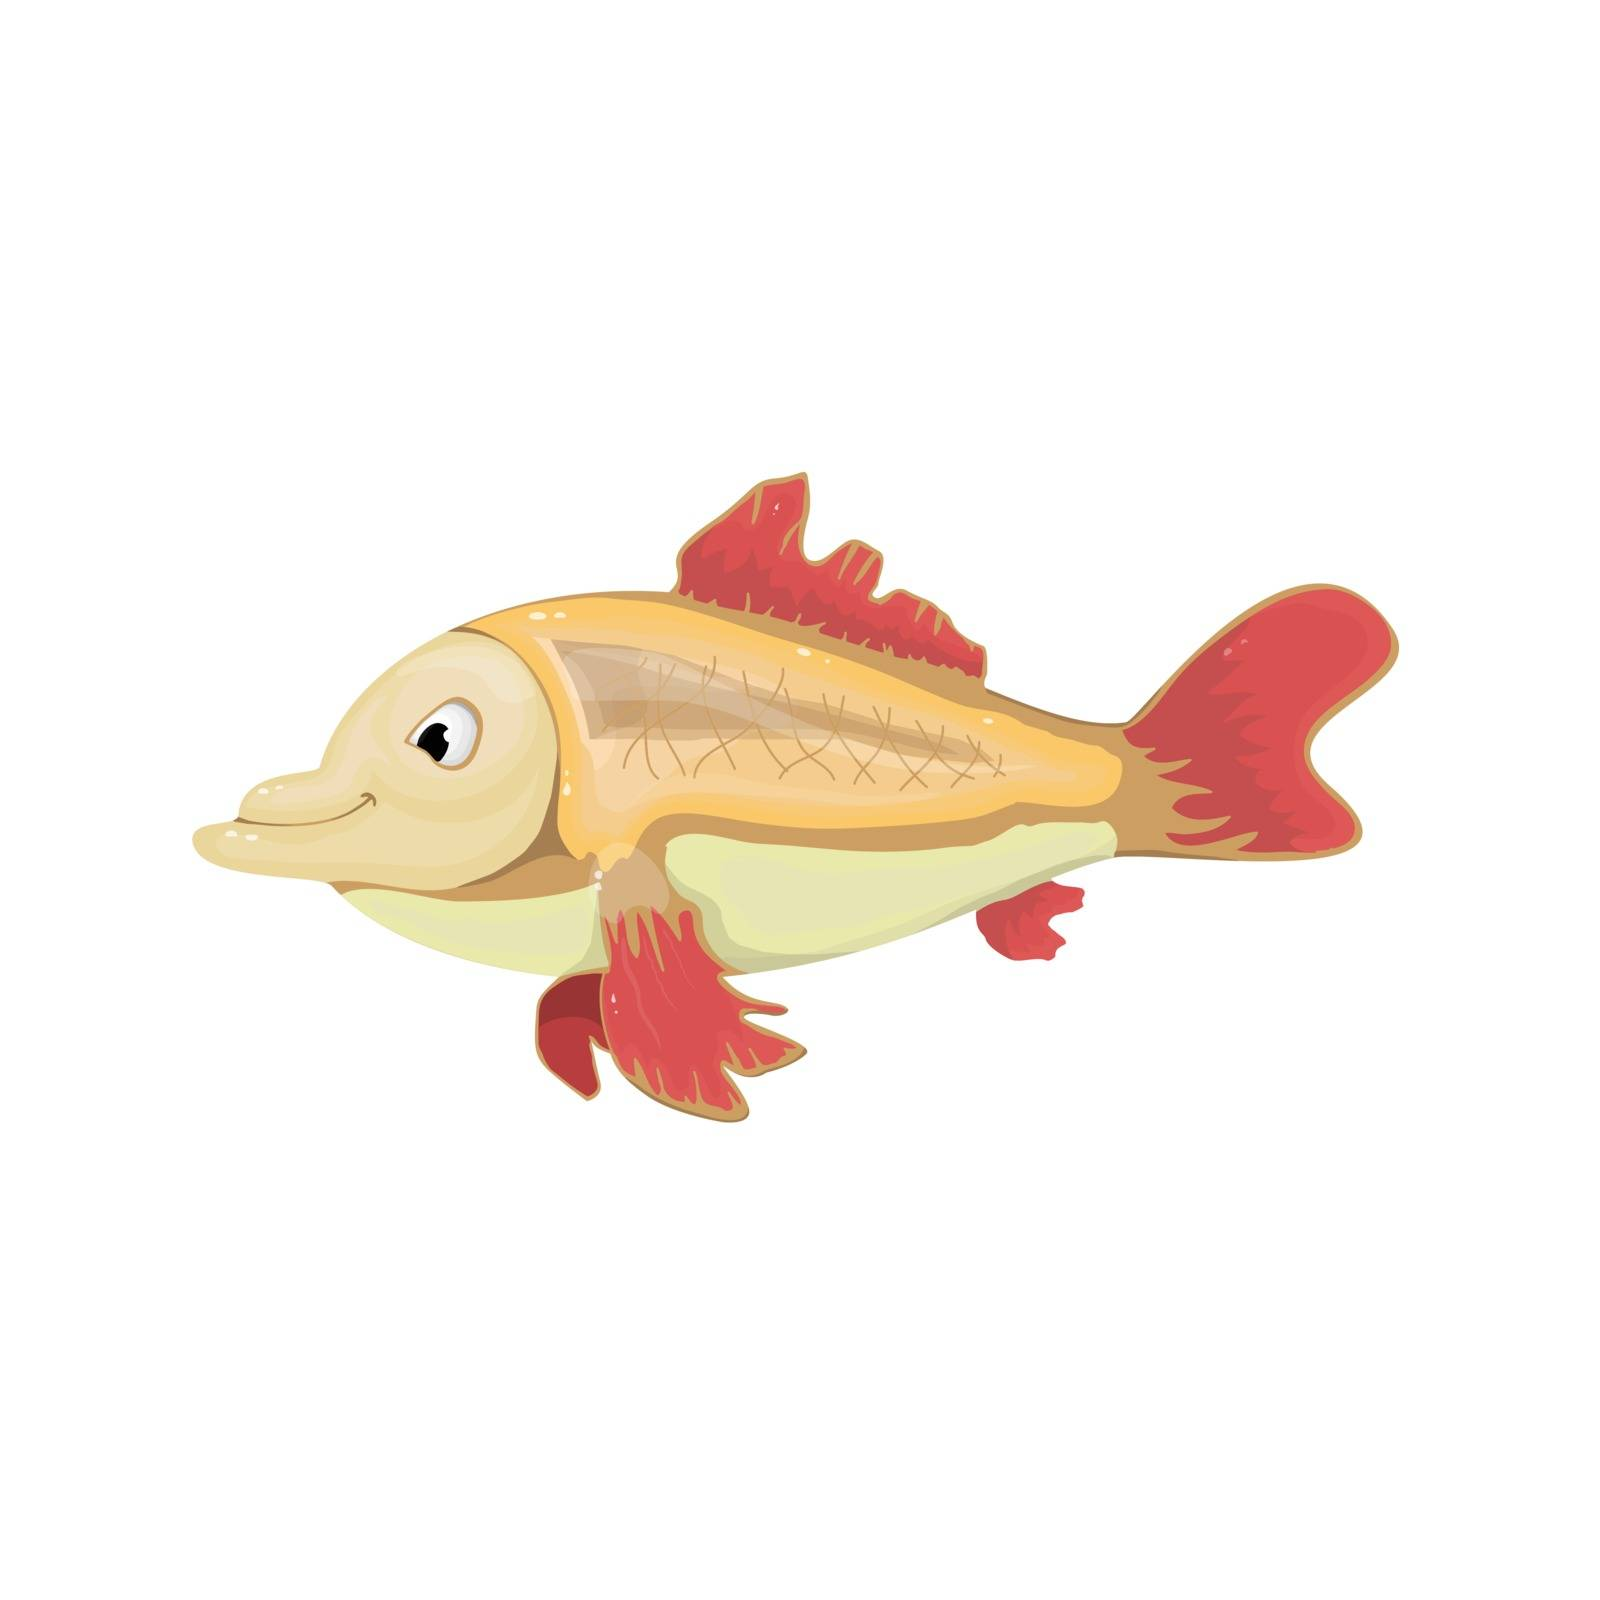 Goldfish by Oleksii